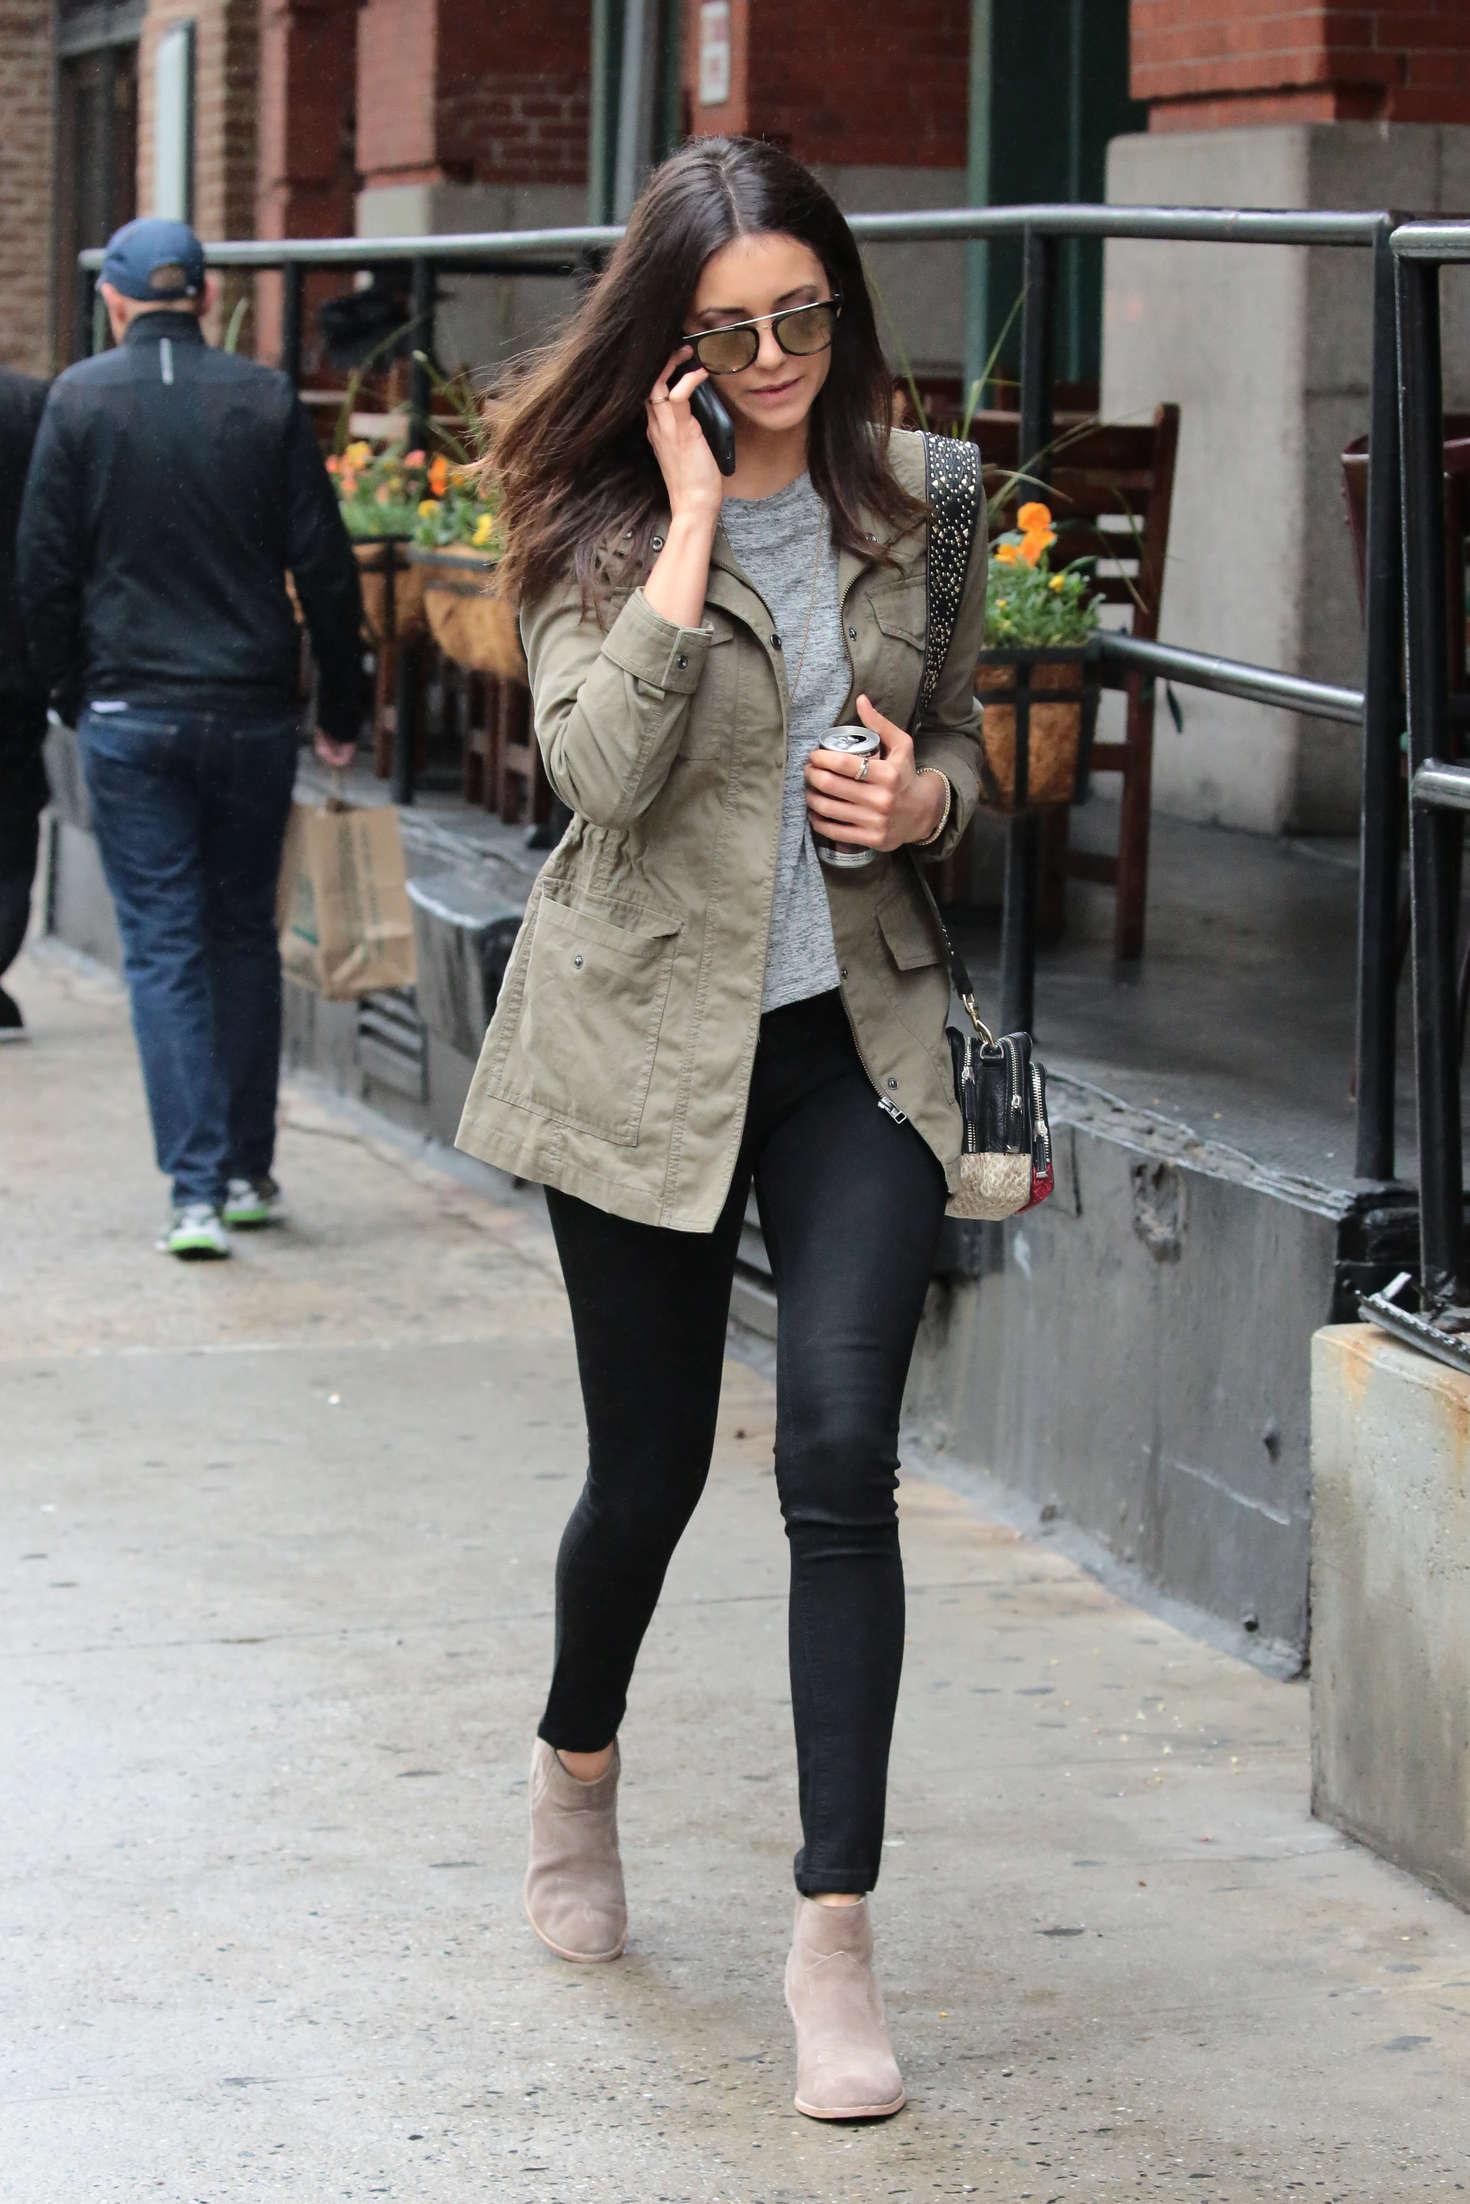 Nina Dobrev in Tight Jeans -07 - GotCeleb